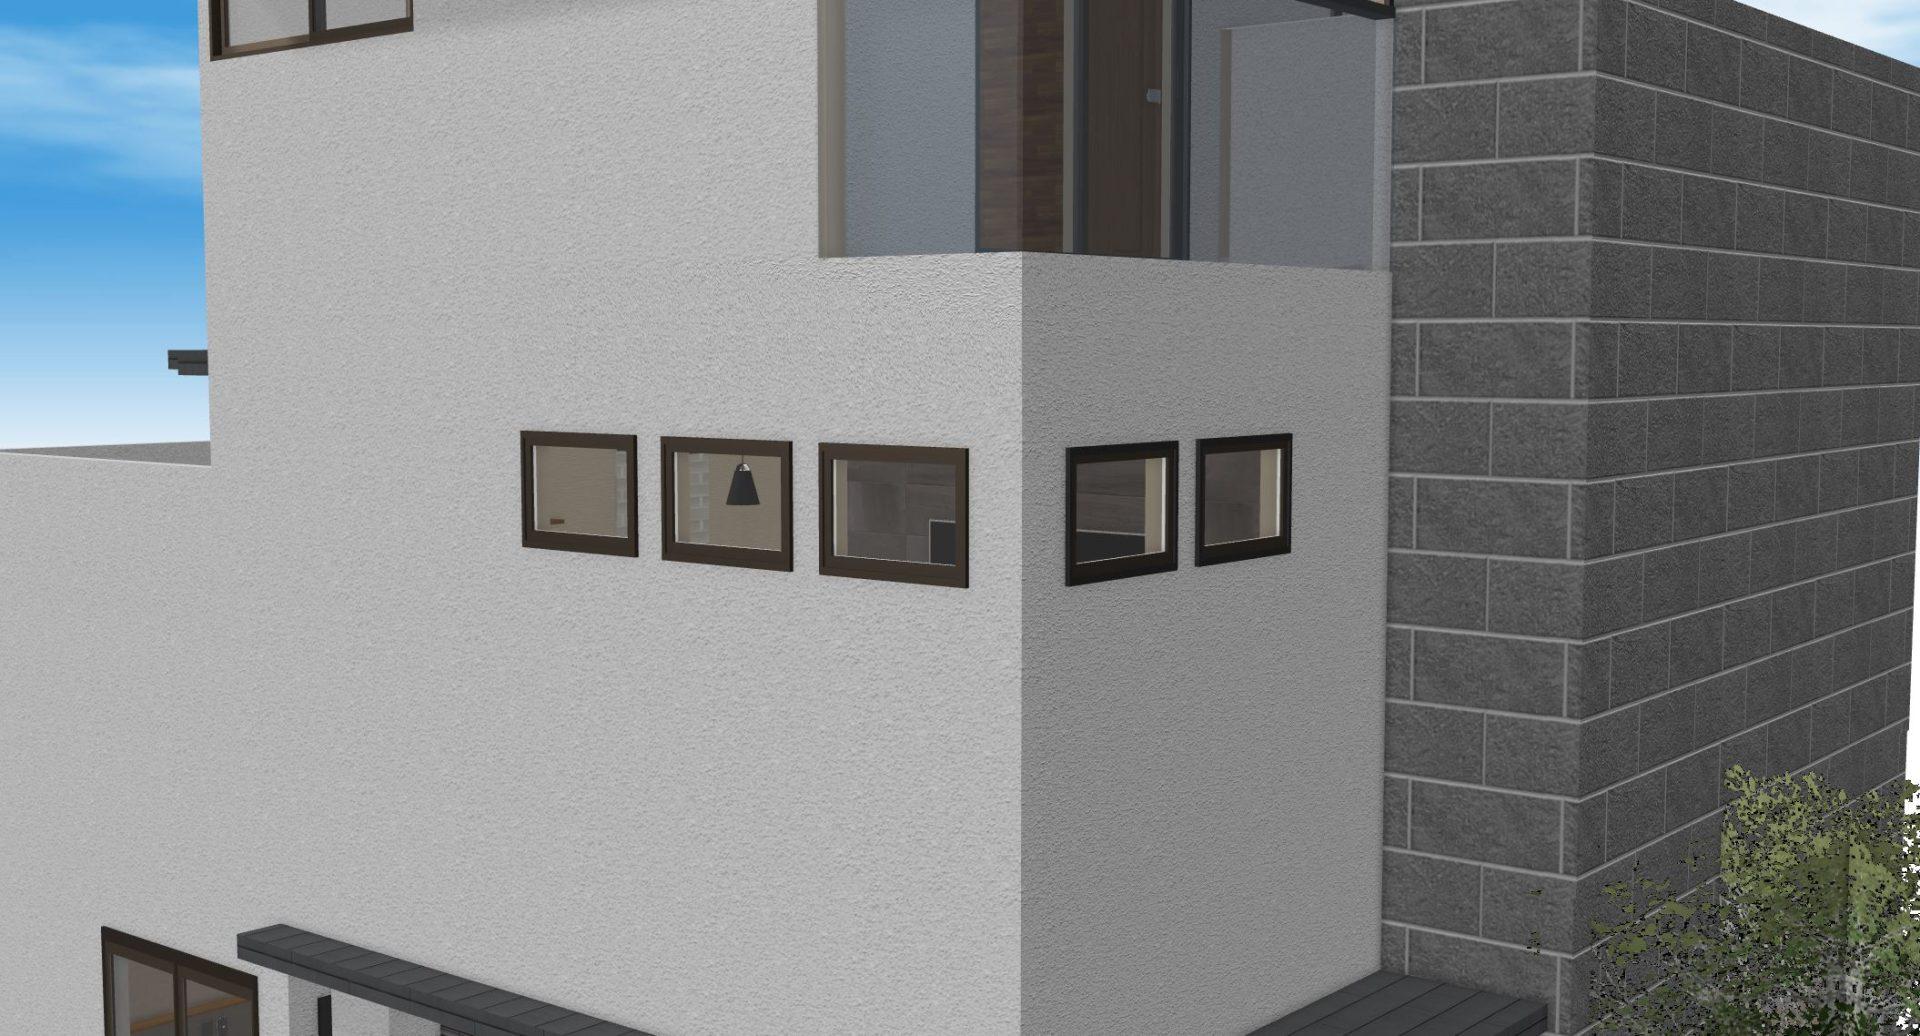 窓のサイズと間隔が同じだと外観も美しくなる